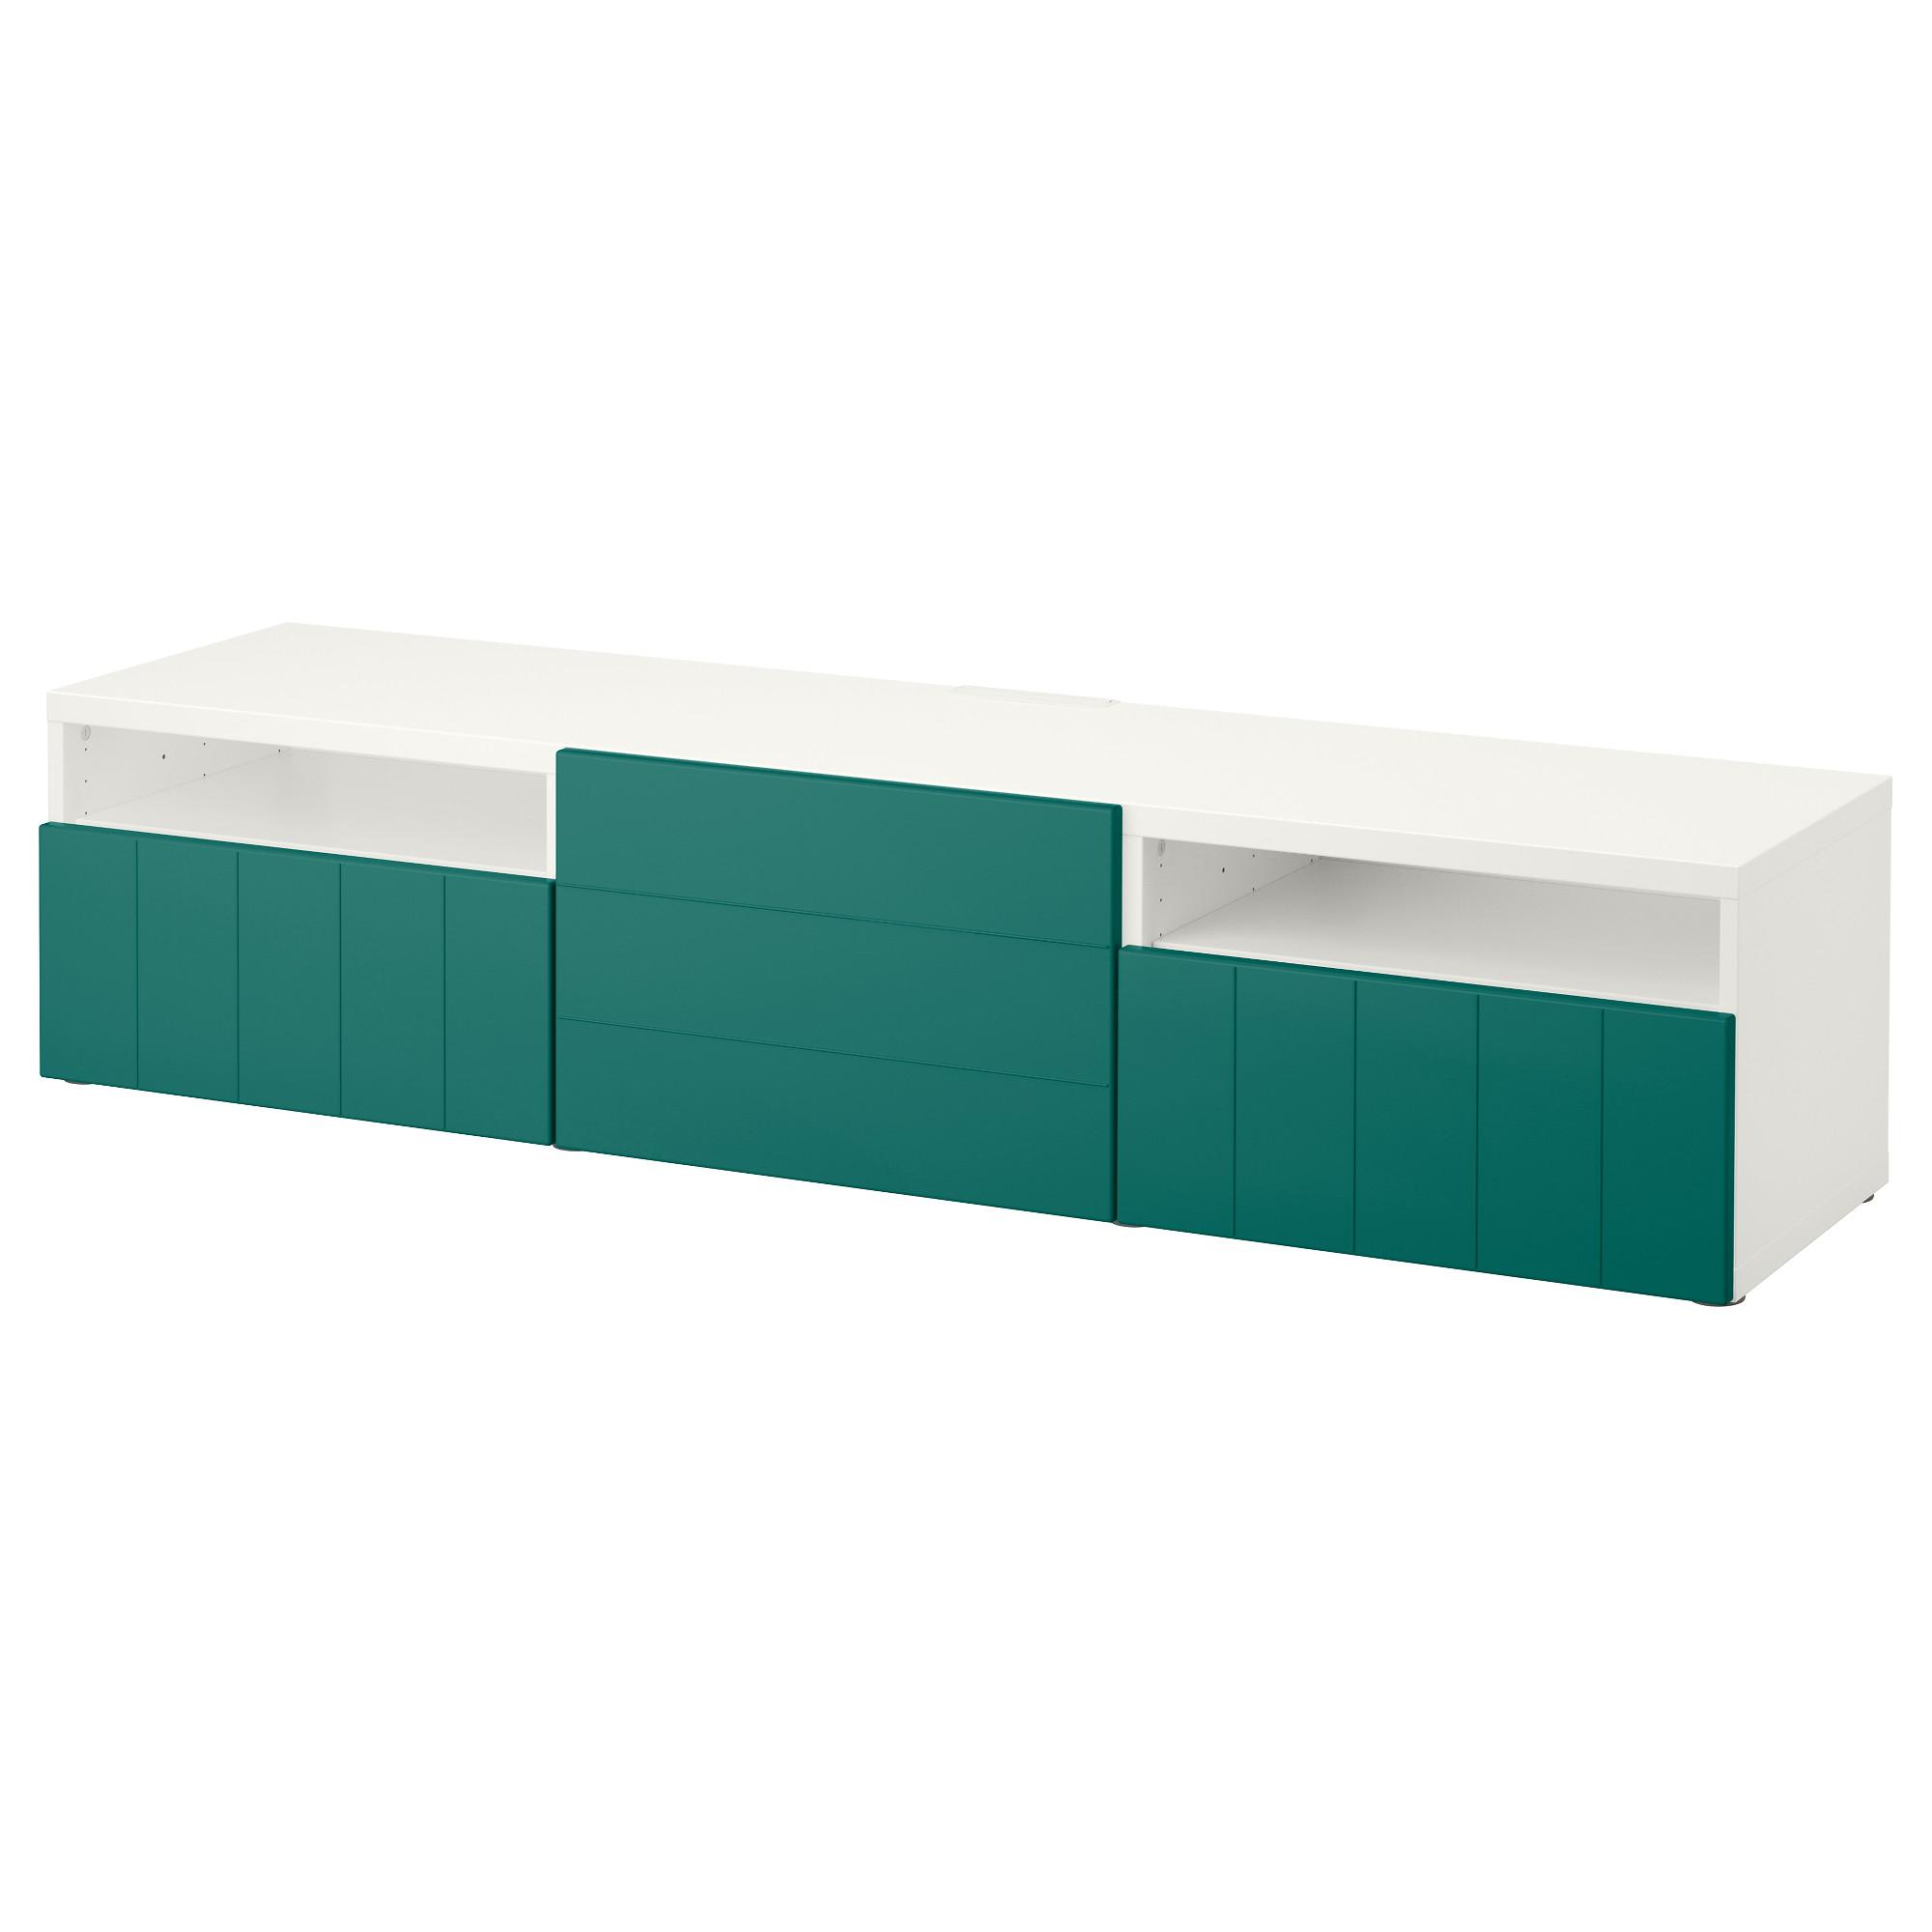 Тумба под ТВ с ящиками и дверцей БЕСТО сине-зеленый артикуль № 792.758.31 в наличии. Online магазин IKEA РБ. Недорогая доставка и монтаж.